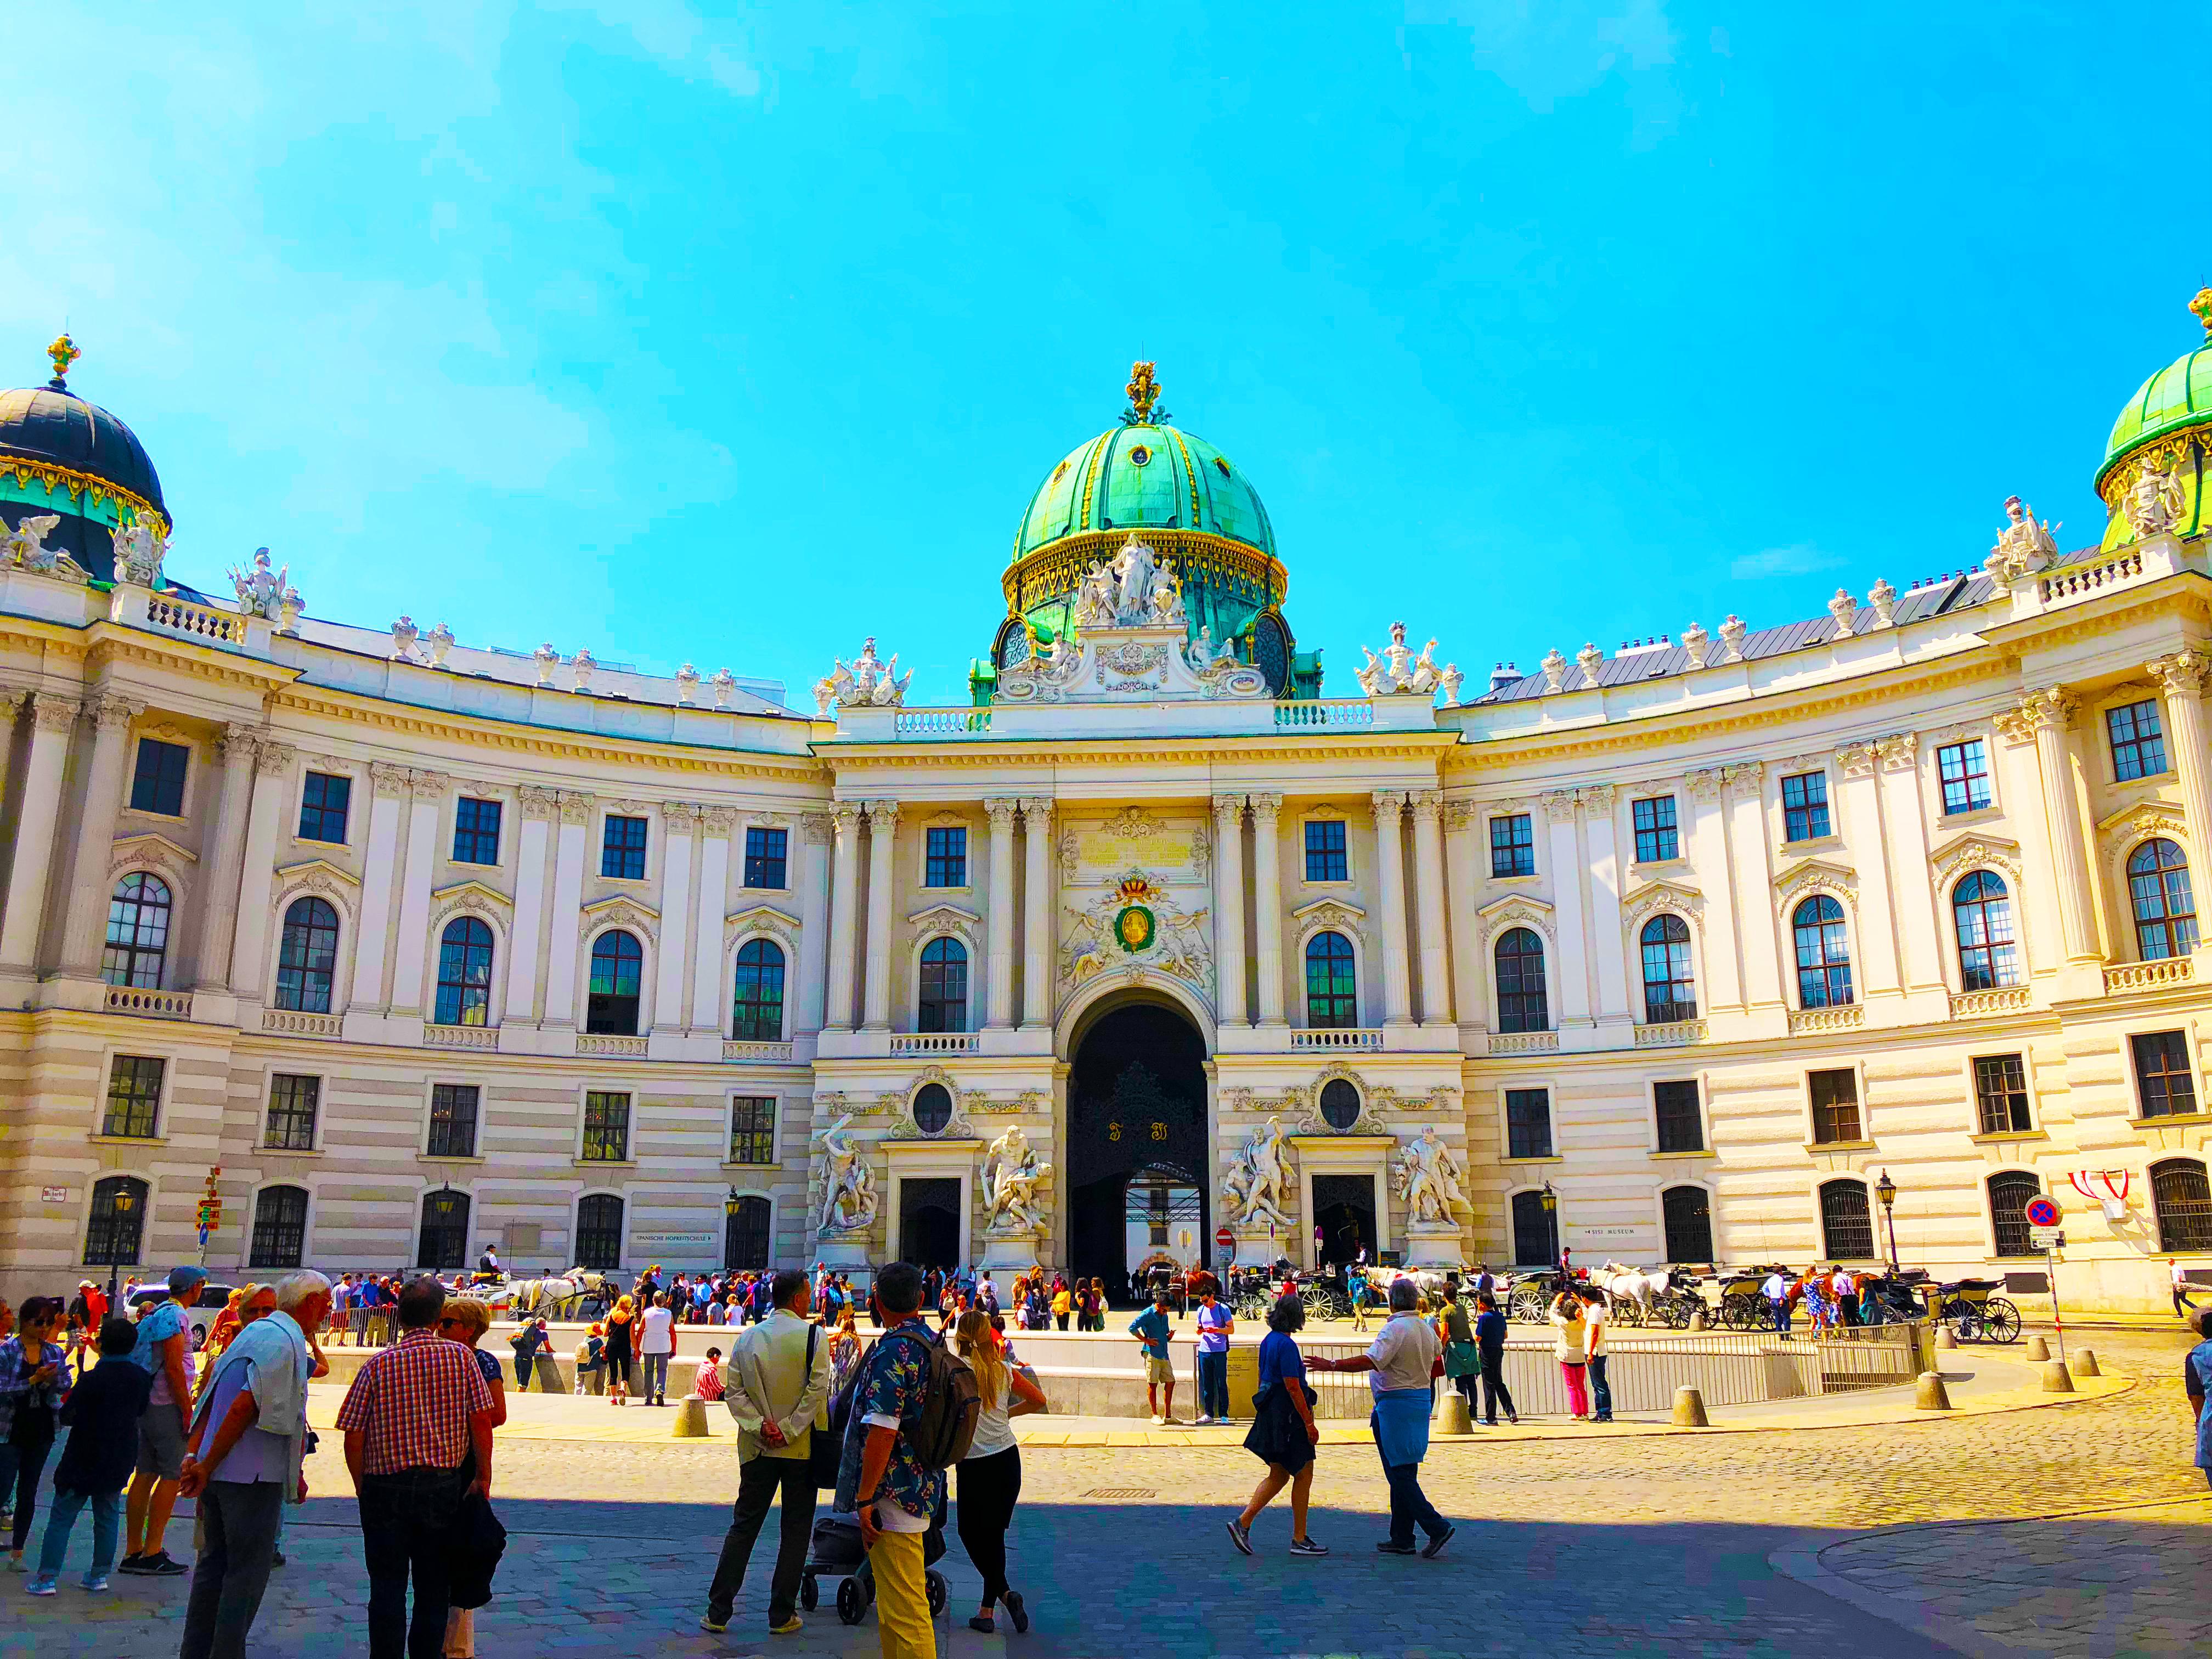 オーストリア(ウィーン)